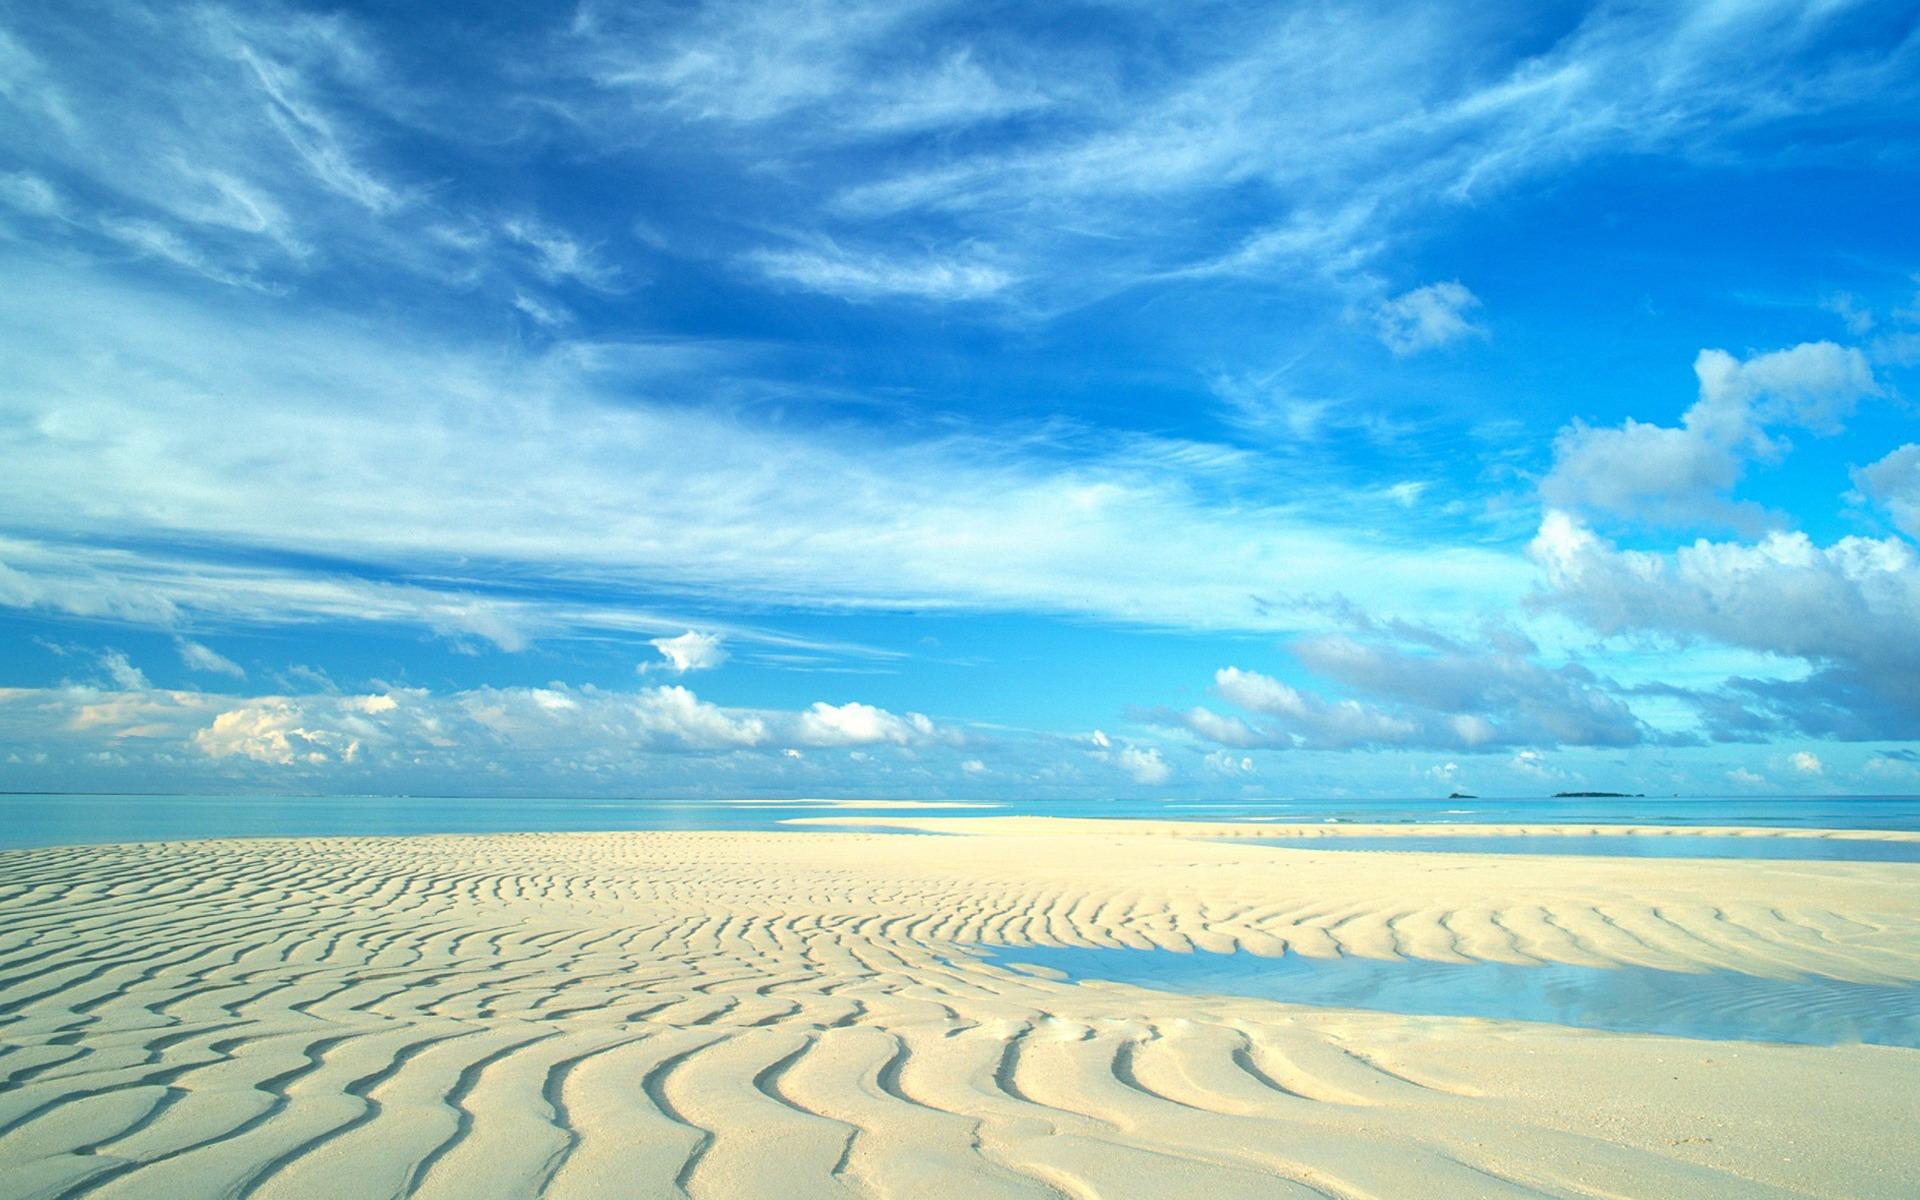 尔代夫唯美海滩电脑壁纸